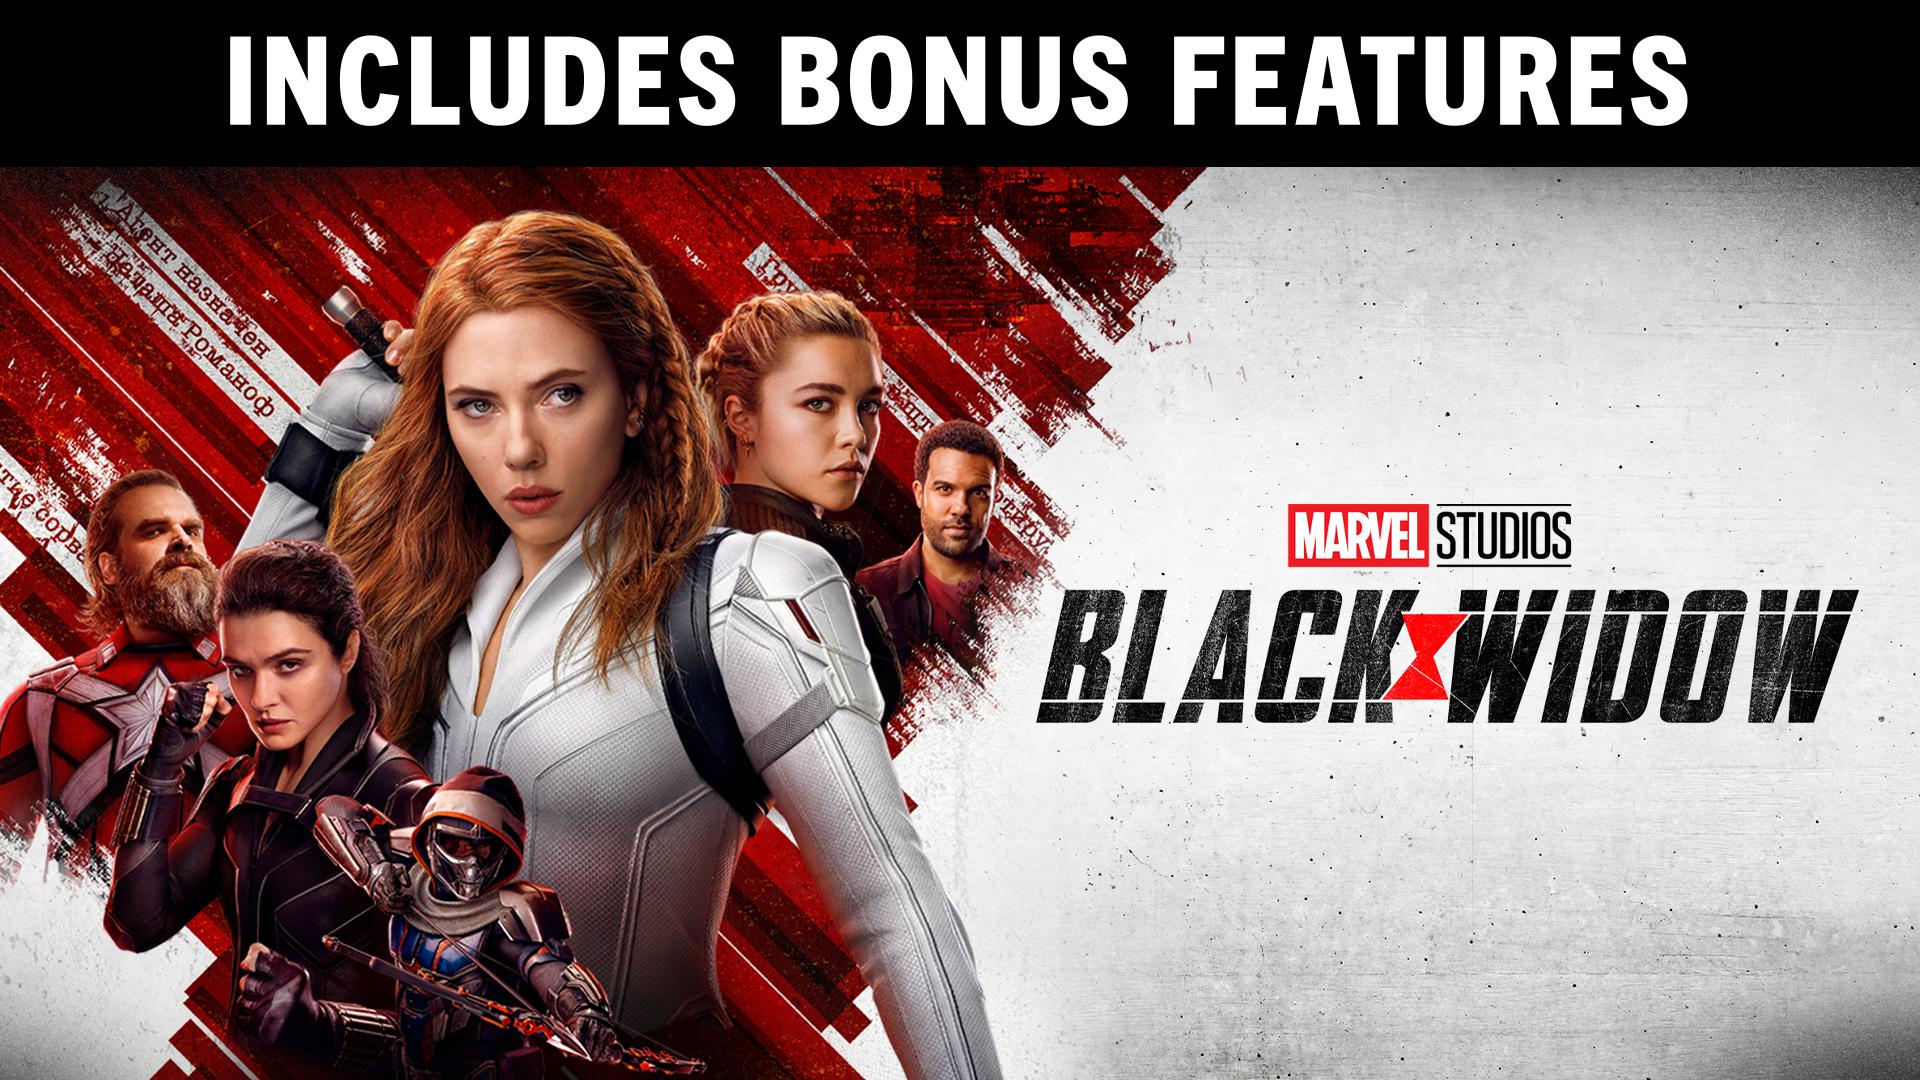 Black Widow + Bonus Features